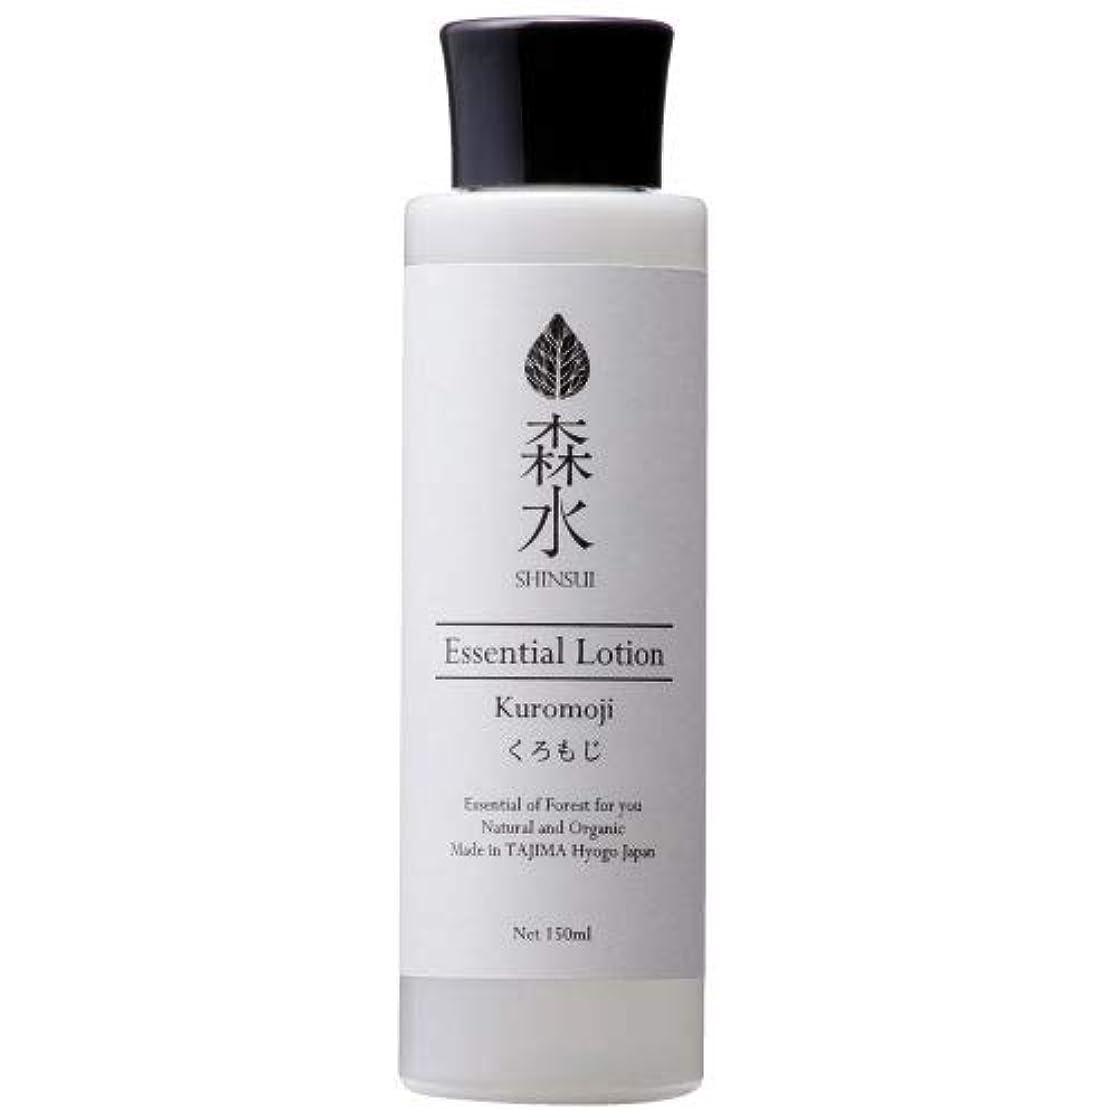 禁止する選挙不適当森水-SHINSUI シンスイ-くろもじ化粧水(Kuromoji Essential Lotion)150ml